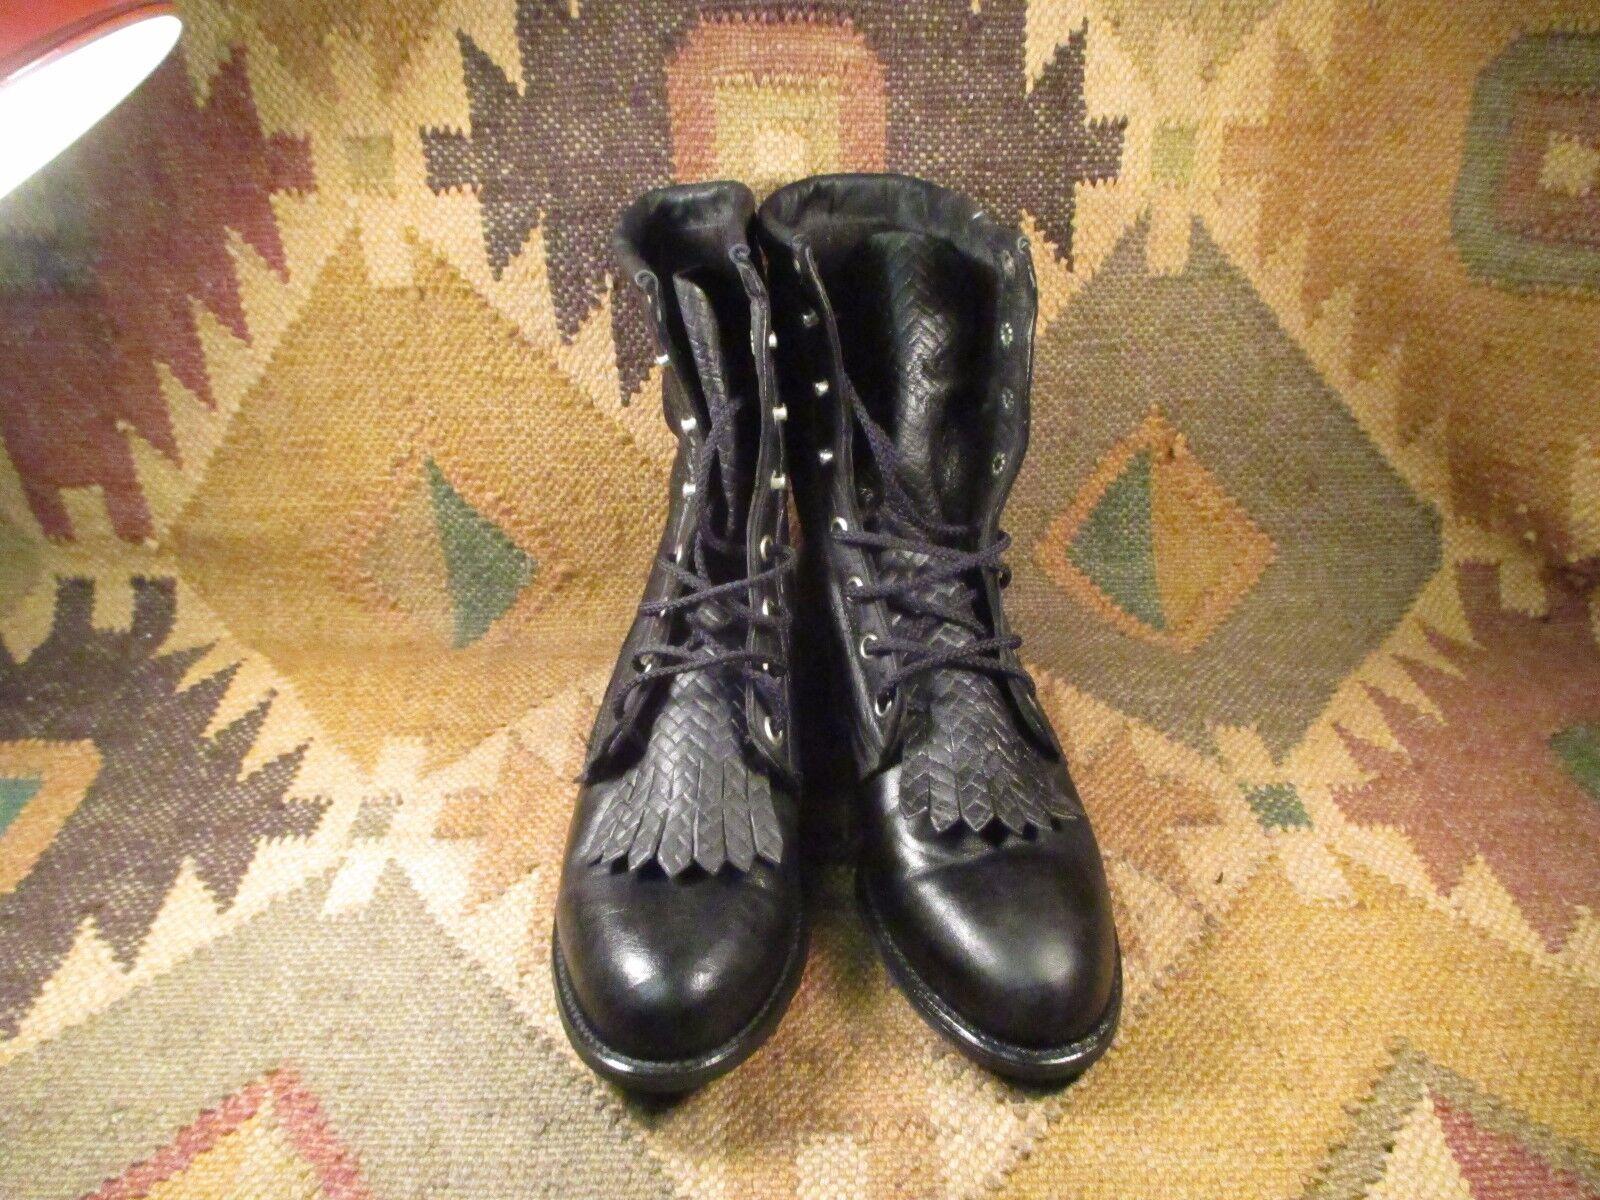 Capezio Capezio Capezio negro con textura de cuero occidental Abuela botas con cordones de 7.5 m Hecho en EE. UU.  Garantía 100% de ajuste